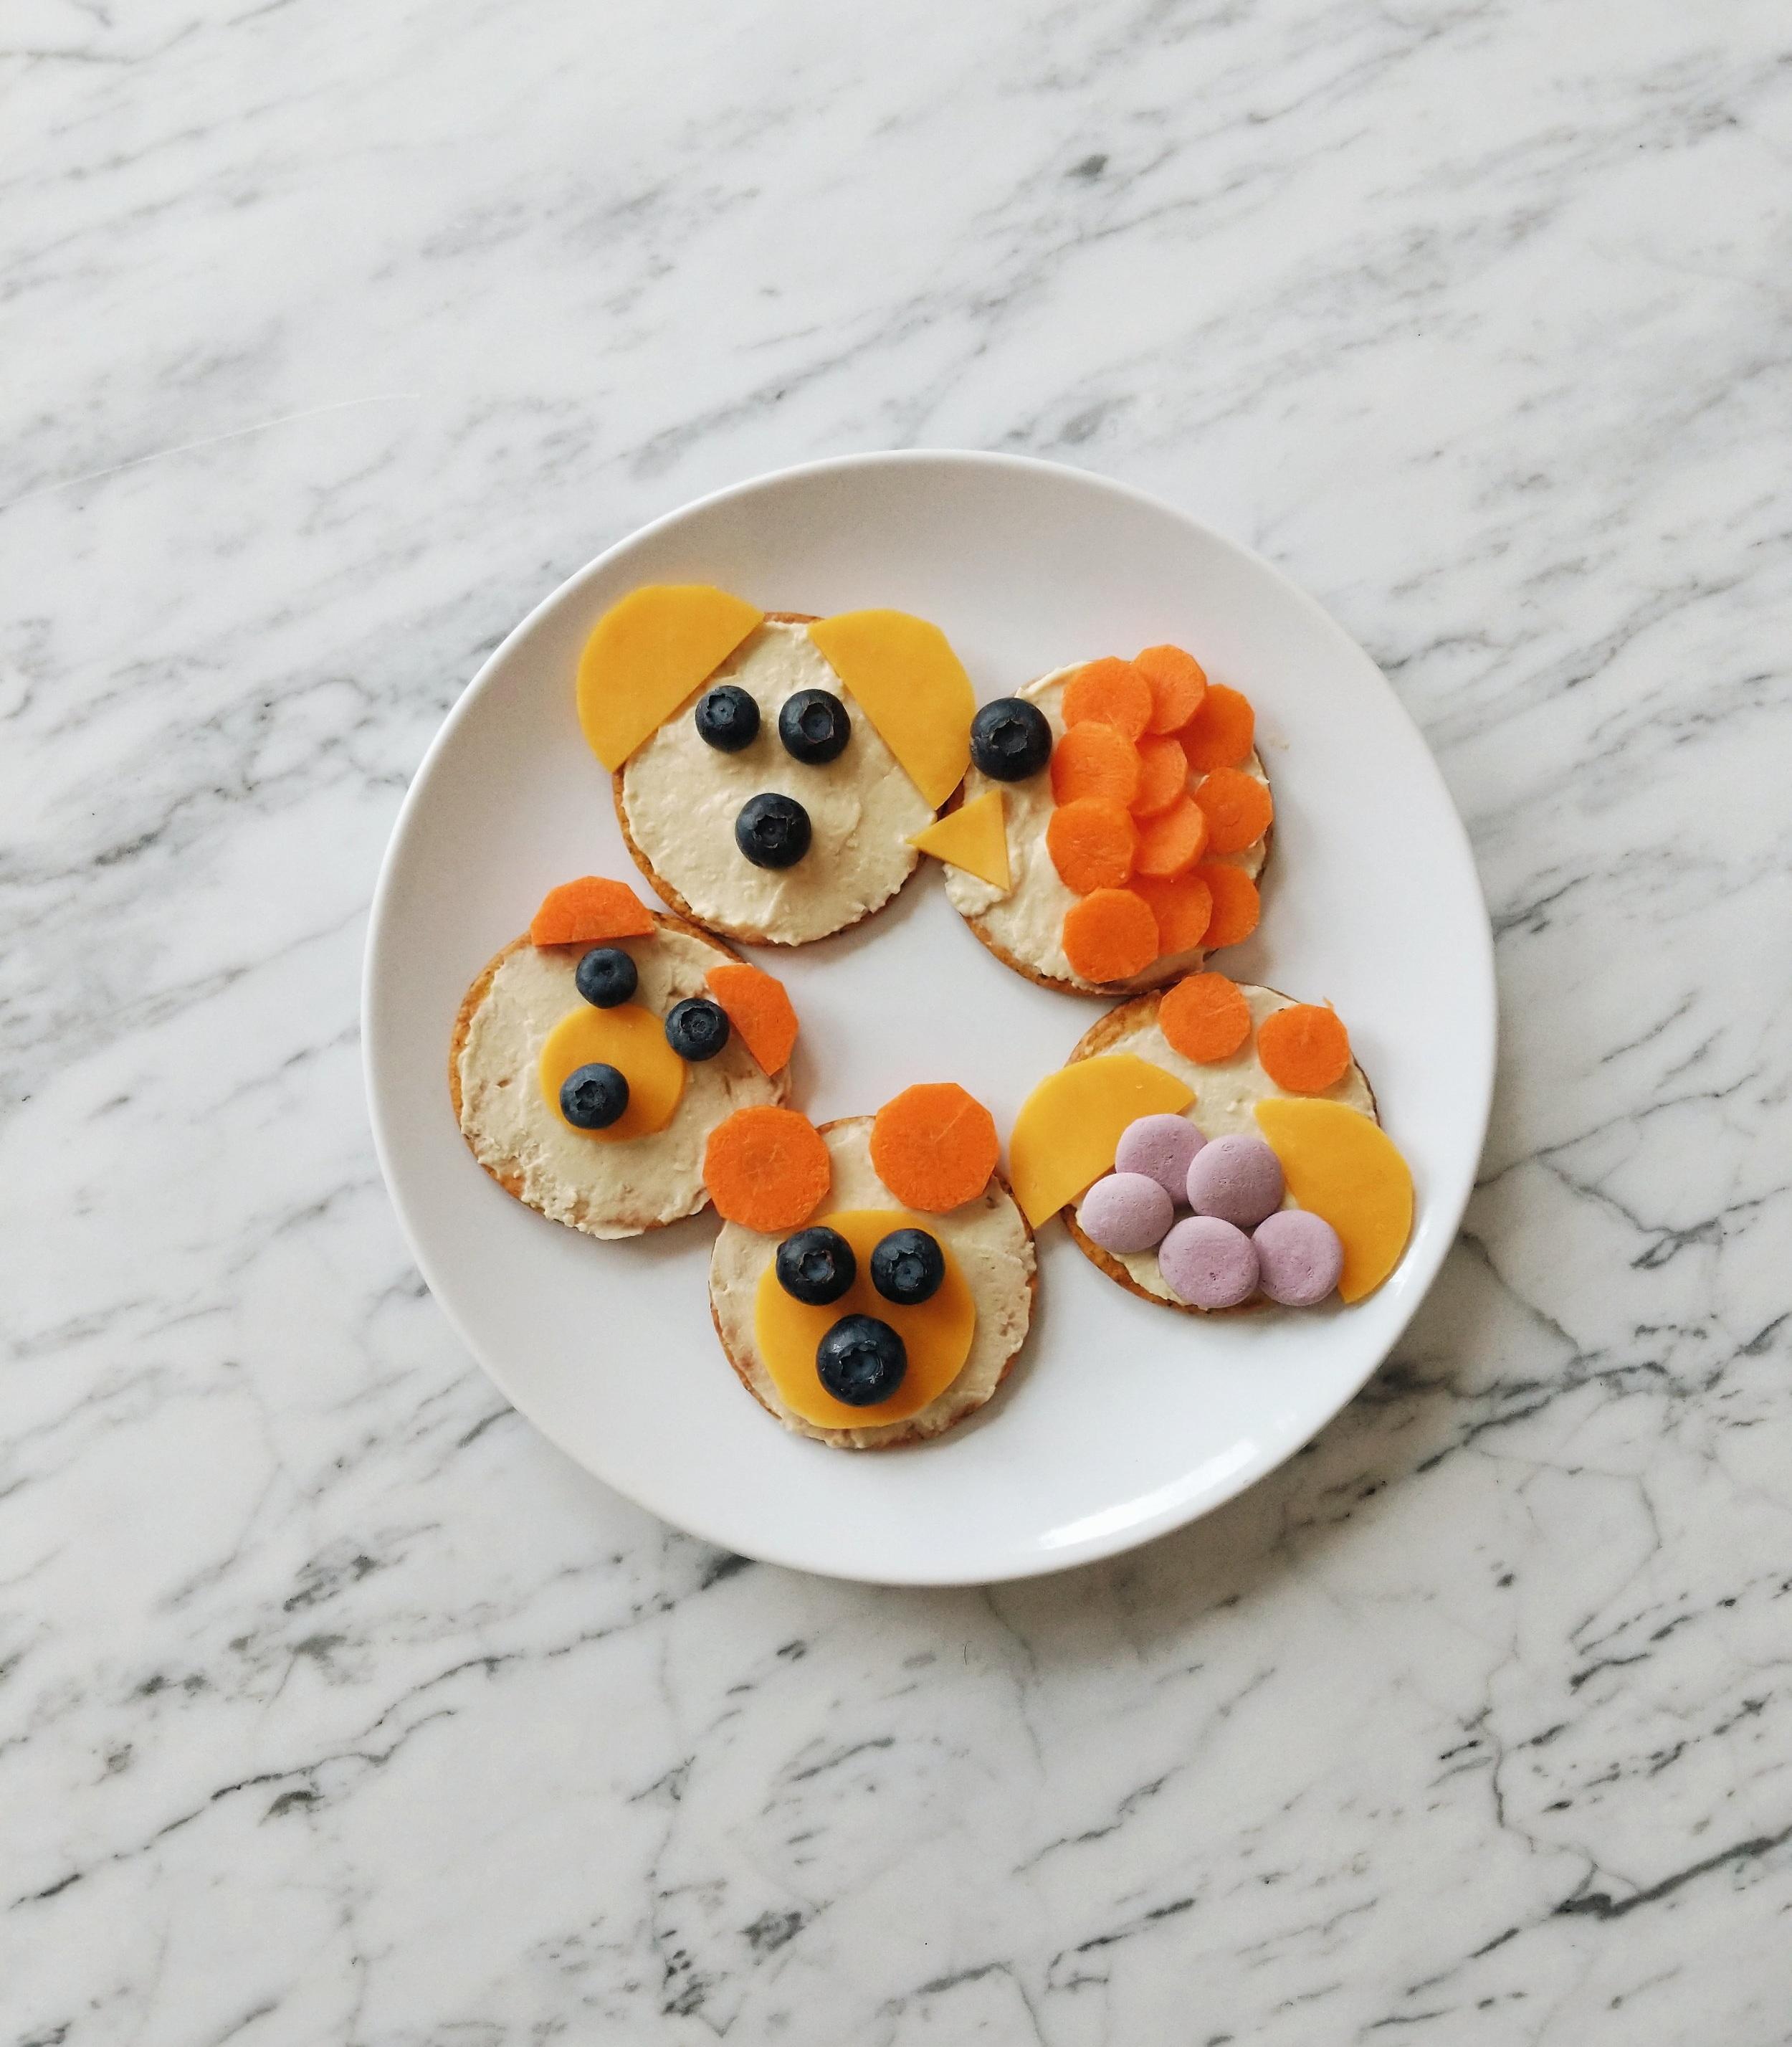 missjesscraven-toddlermeals-crackers-and-hummus.jpg